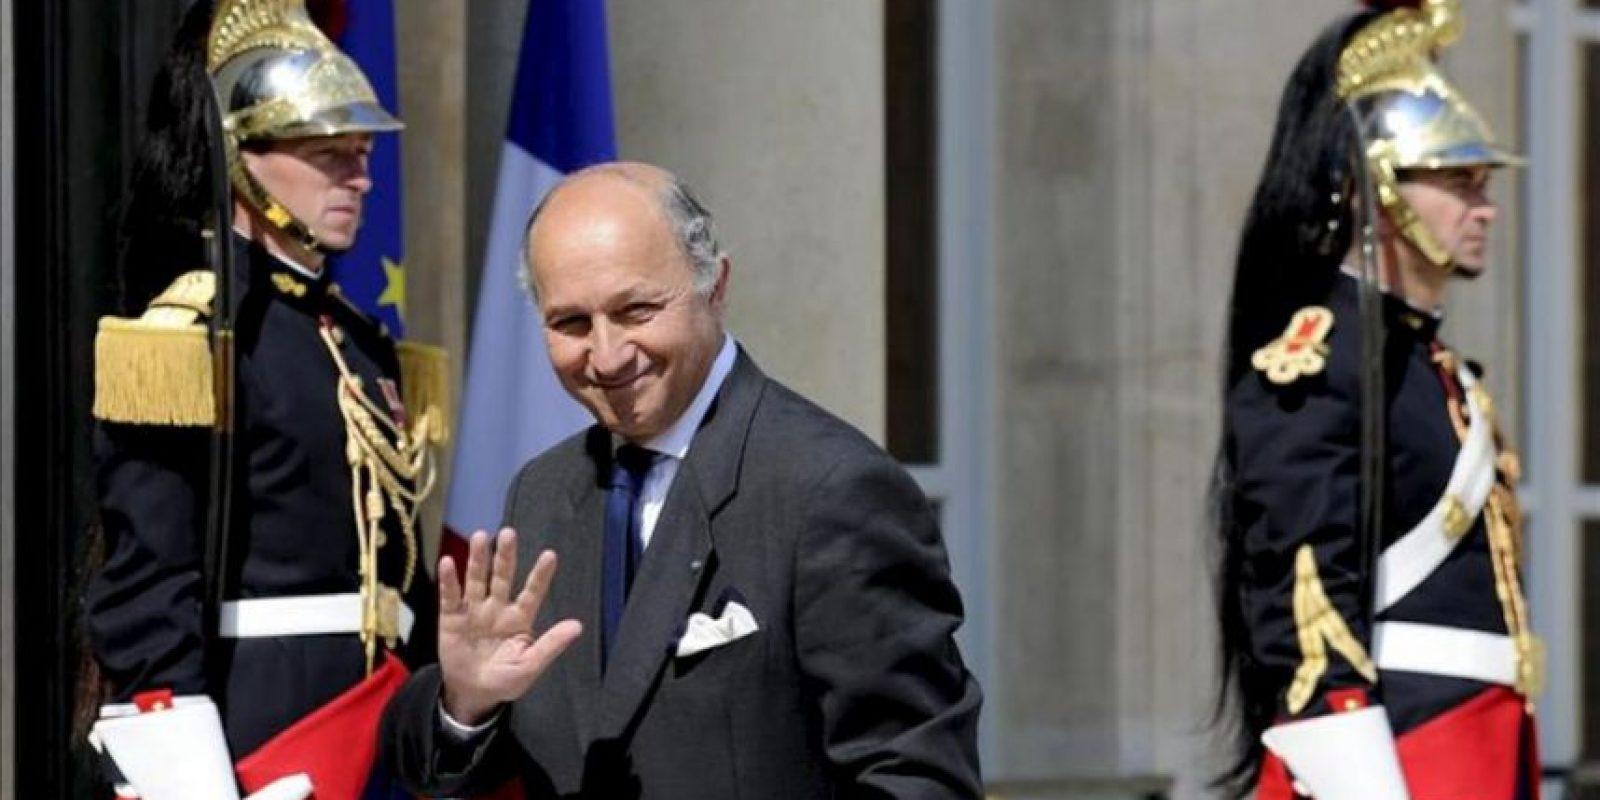 El ministro de Exteriores francés, Laurent Fabius, sonríe a su llegada al Palacio del Elíseo. EFE